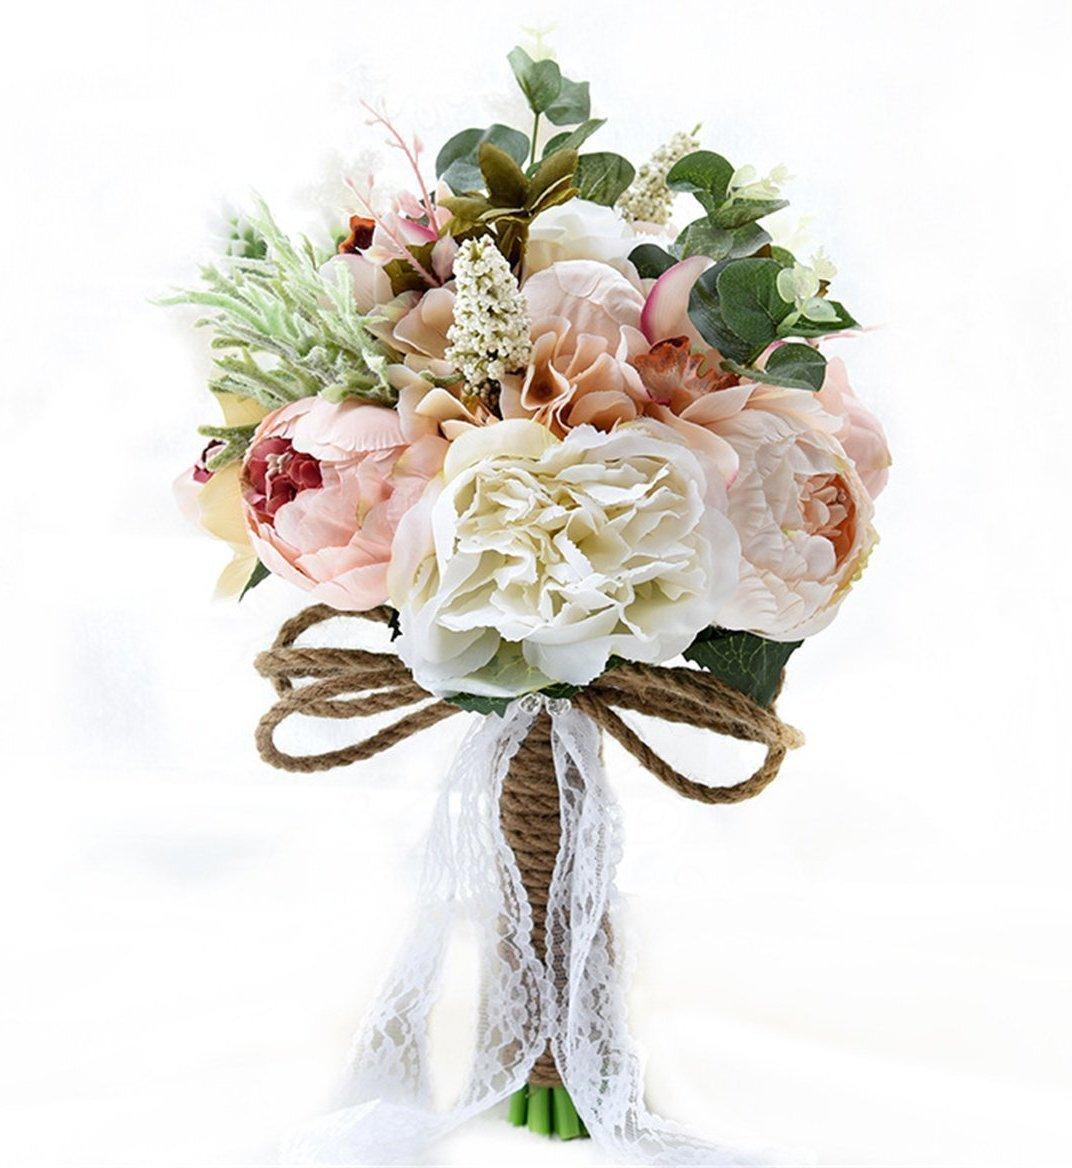 silk flower arrangements s-ssoy wedding romantic bouquet bride bridal bouquets bridesmaid bouquet artificial flowers valentine's day confession party church